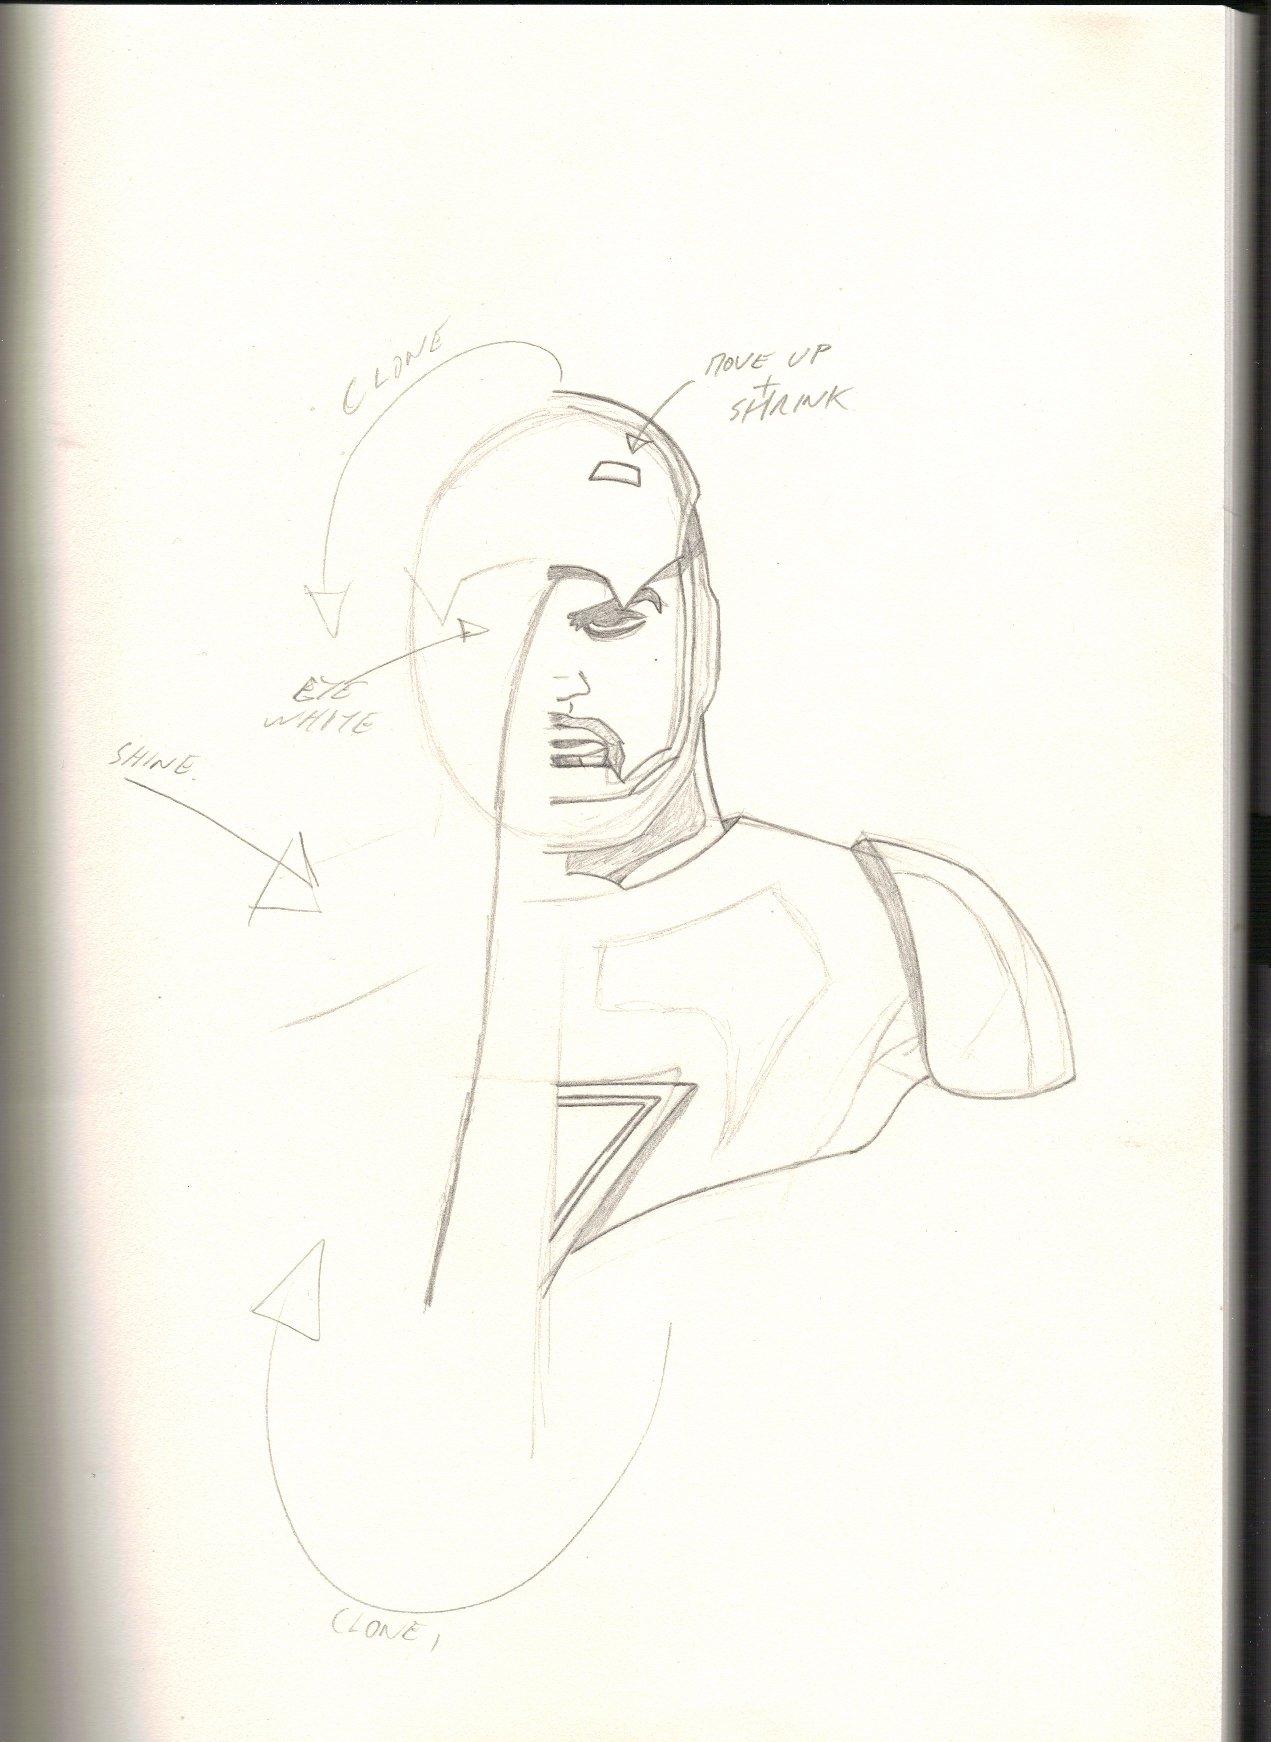 The lazy man way to draw.